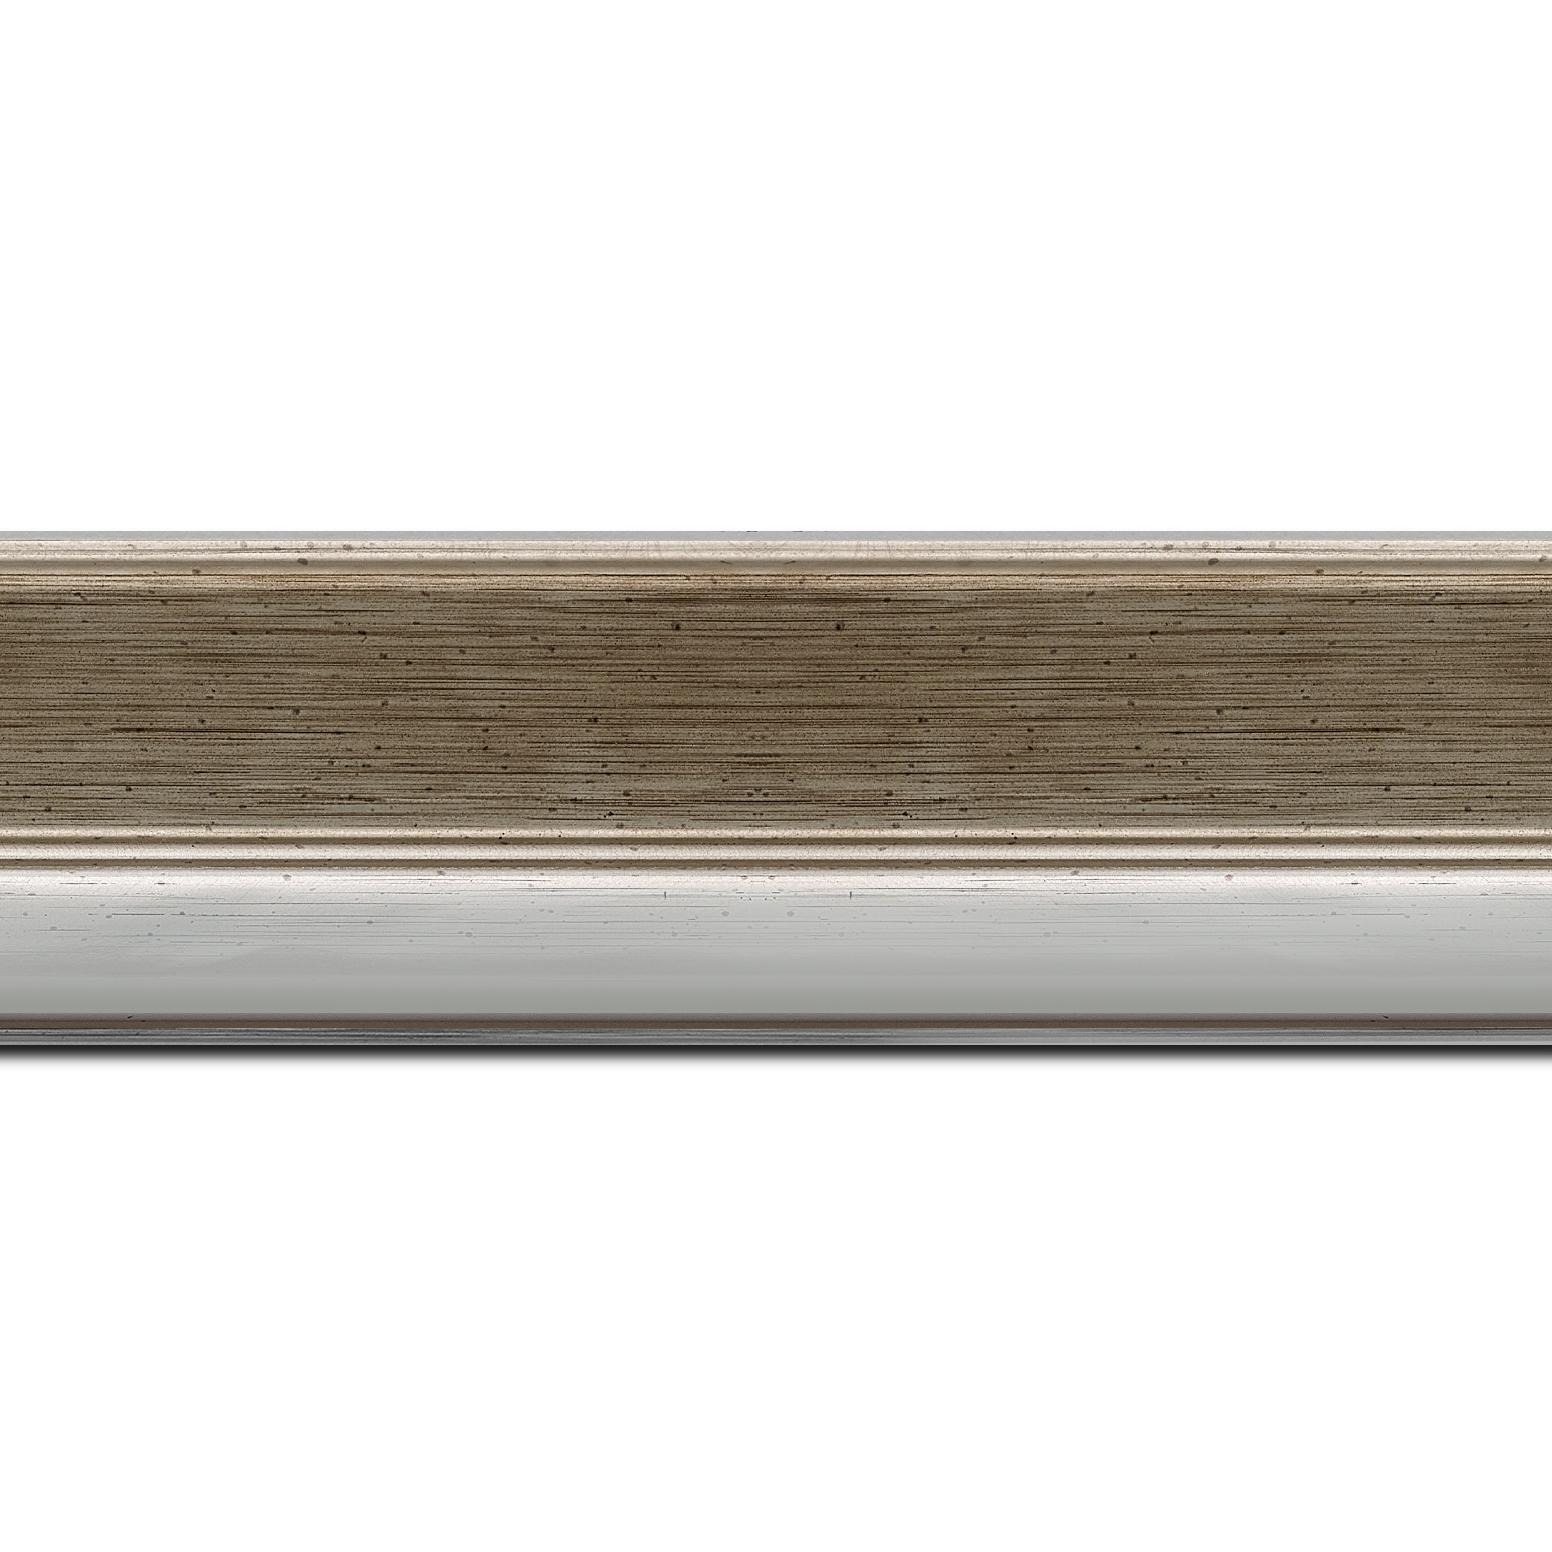 Baguette longueur 1.40m bois profil plat largeur 5cm champagne nez argent chromé bosselé